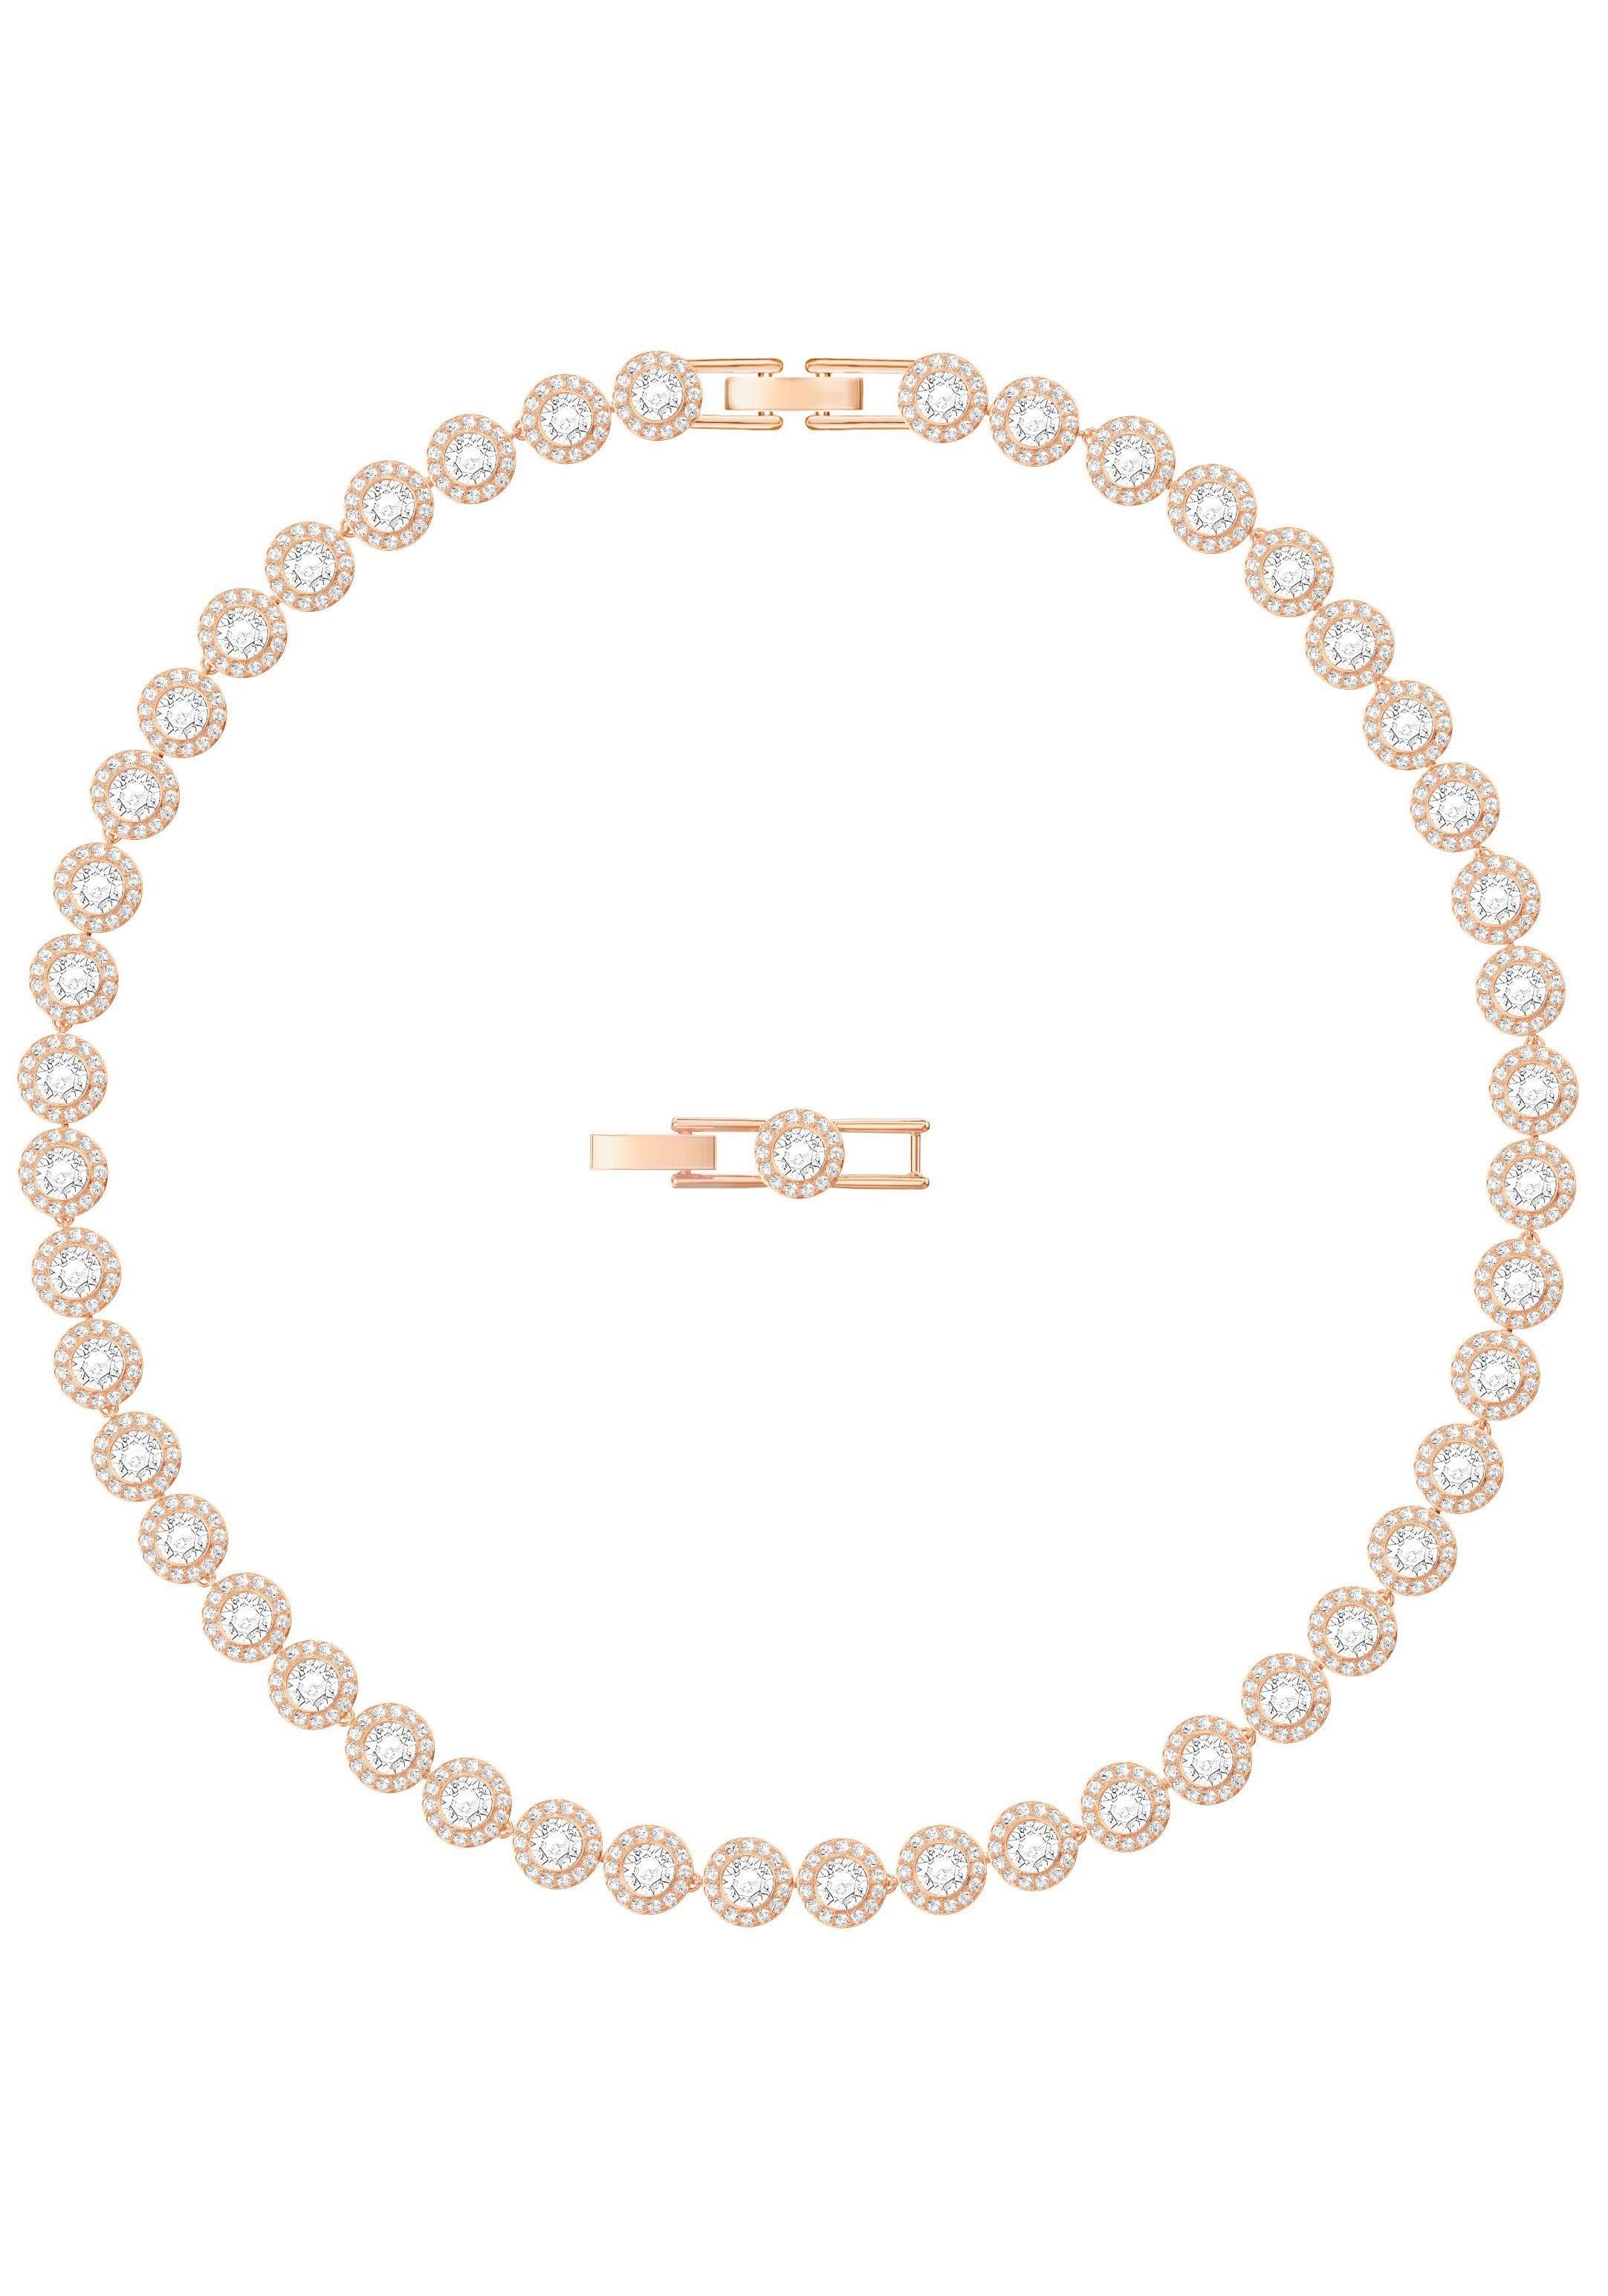 Swarovski Collier »Angelic Halskette, weiss, rosé Vergoldung, 5367845« mit Swarovski® Kristallen